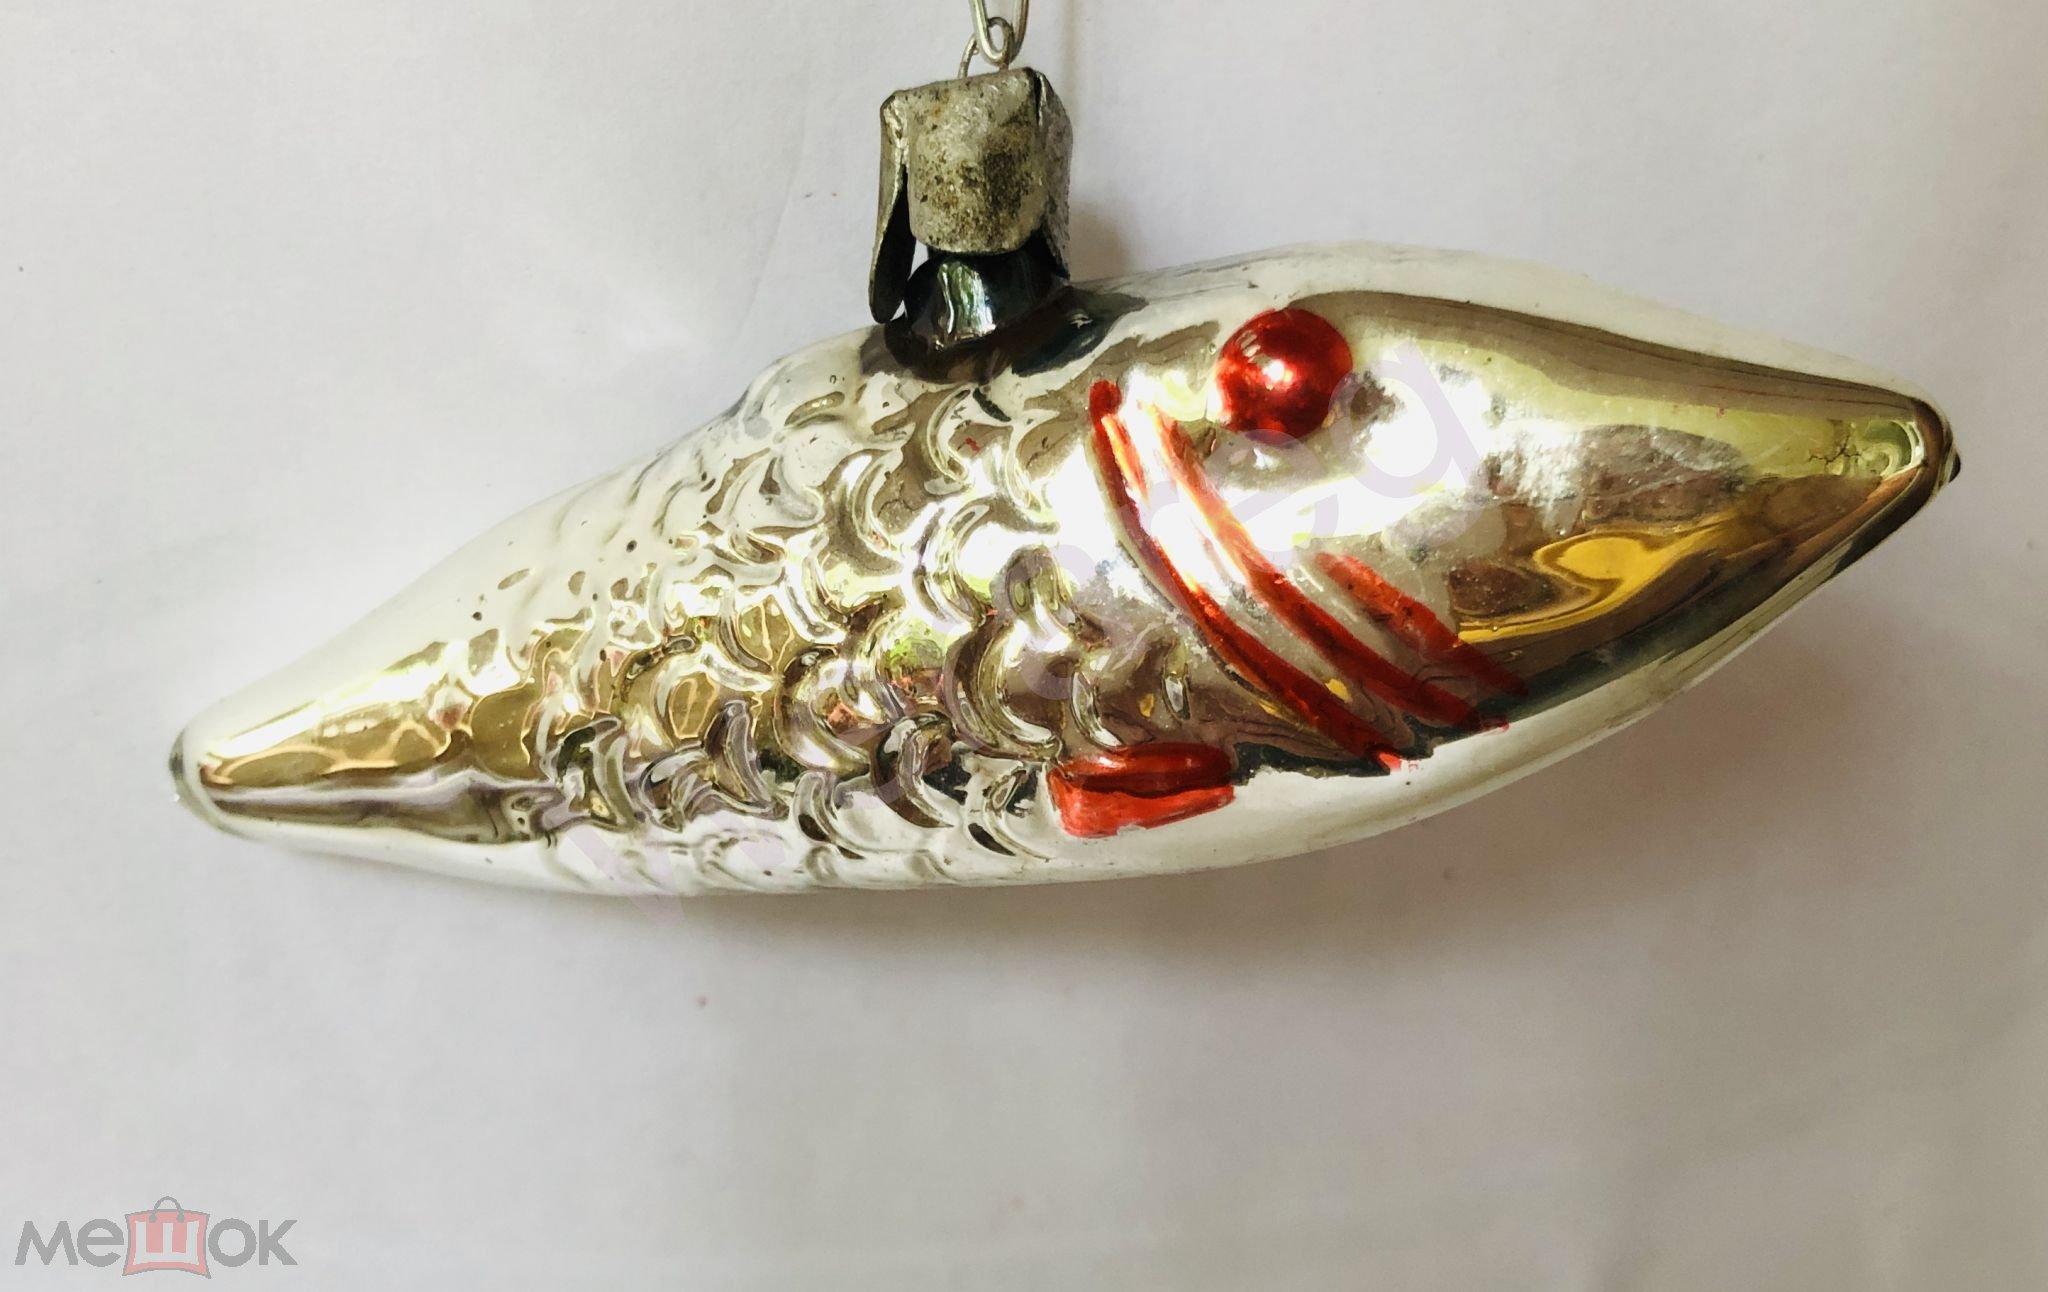 Елочная игрушка Рыба ЗОЛОТО Сохранность покрытия отличная Стекло СССР ТРУБОЧКА ЦЕЛАЯ 1930-40